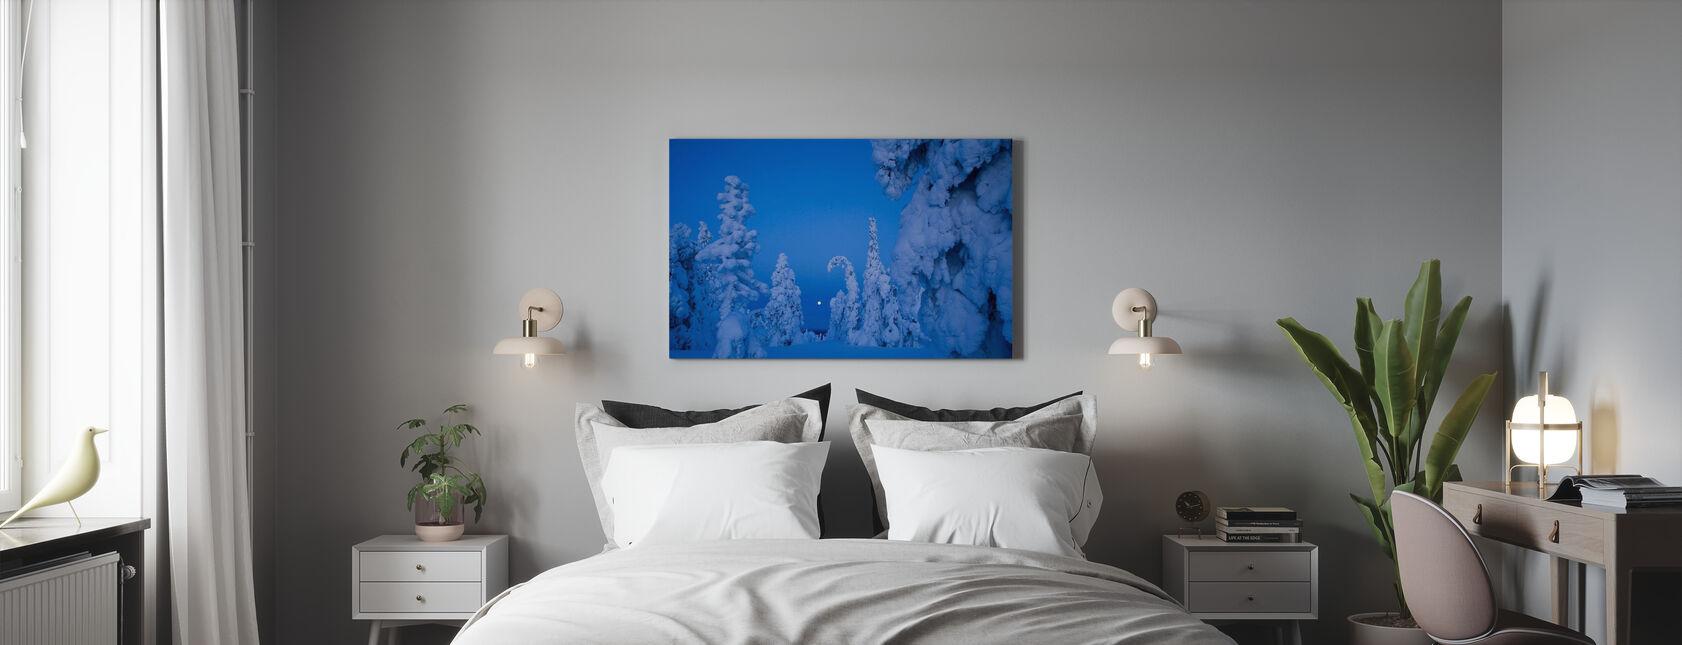 Zone boisée de la taïga chargée de neige - Impression sur toile - Chambre